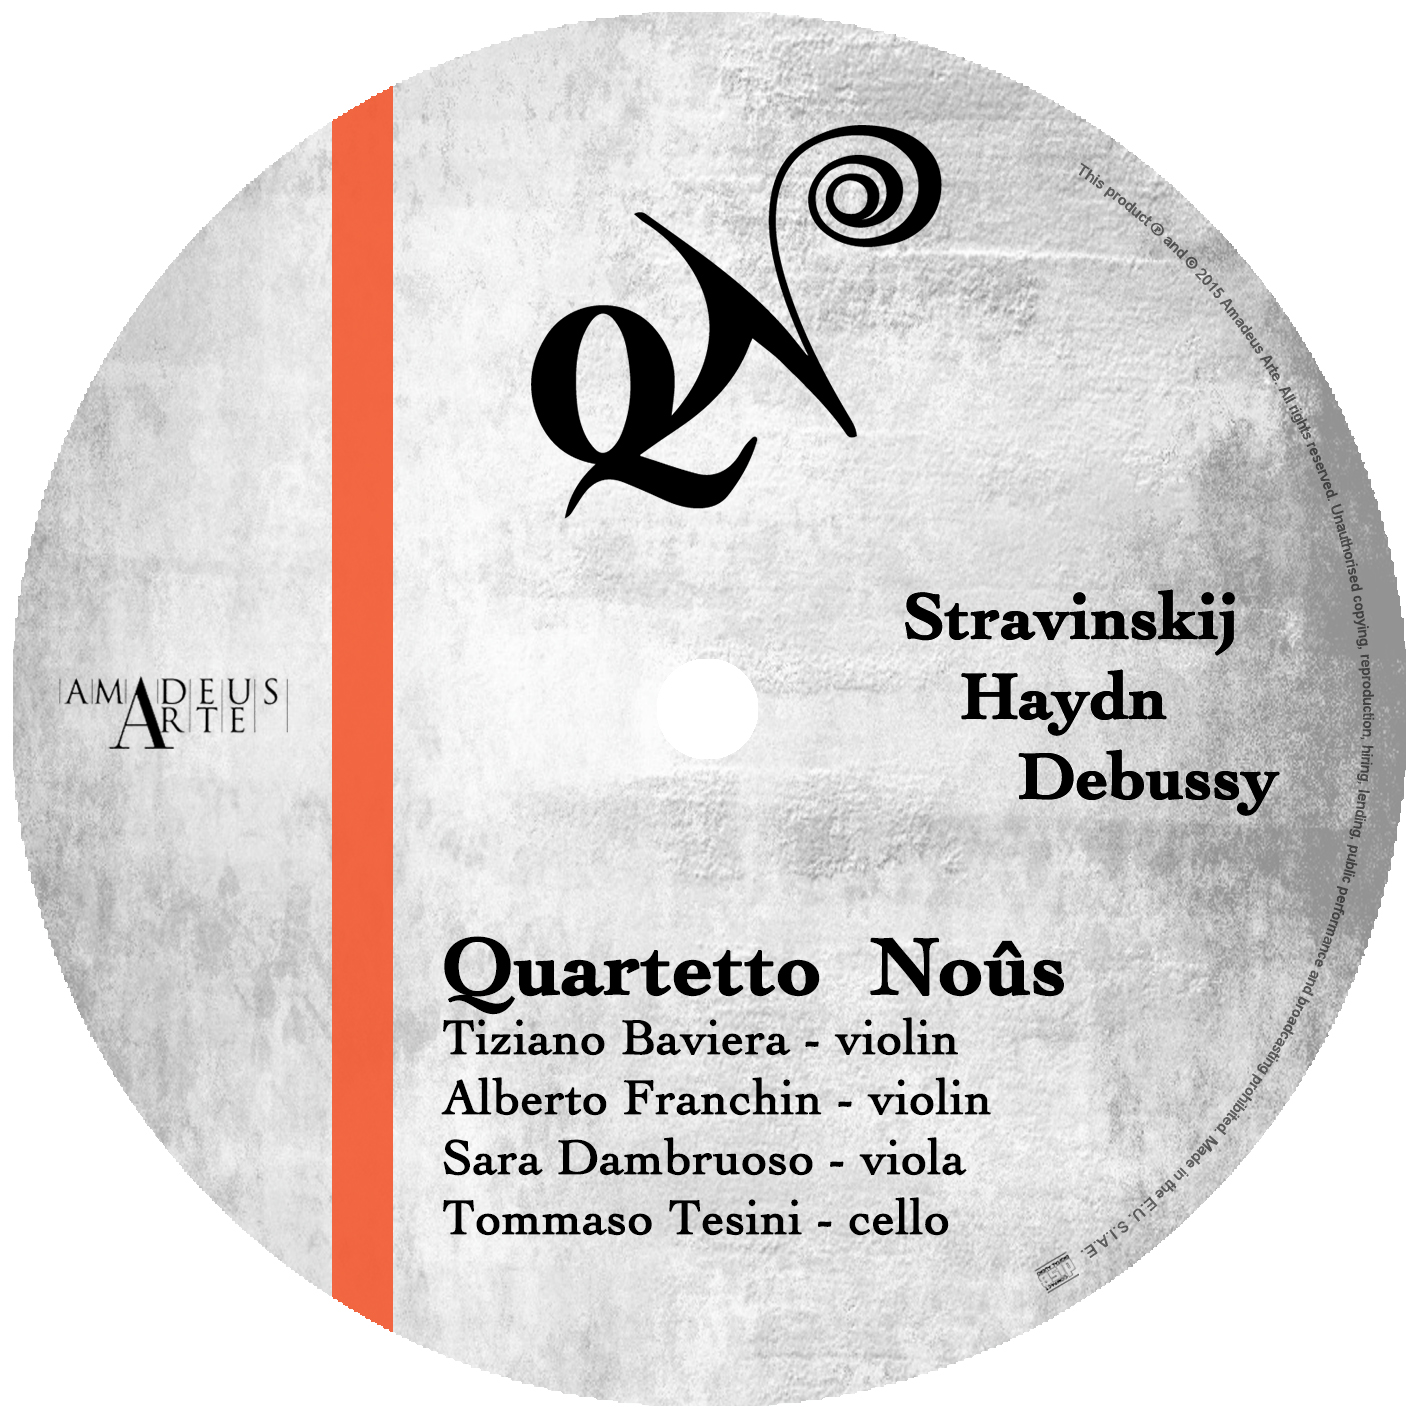 QuartettoNous_CD